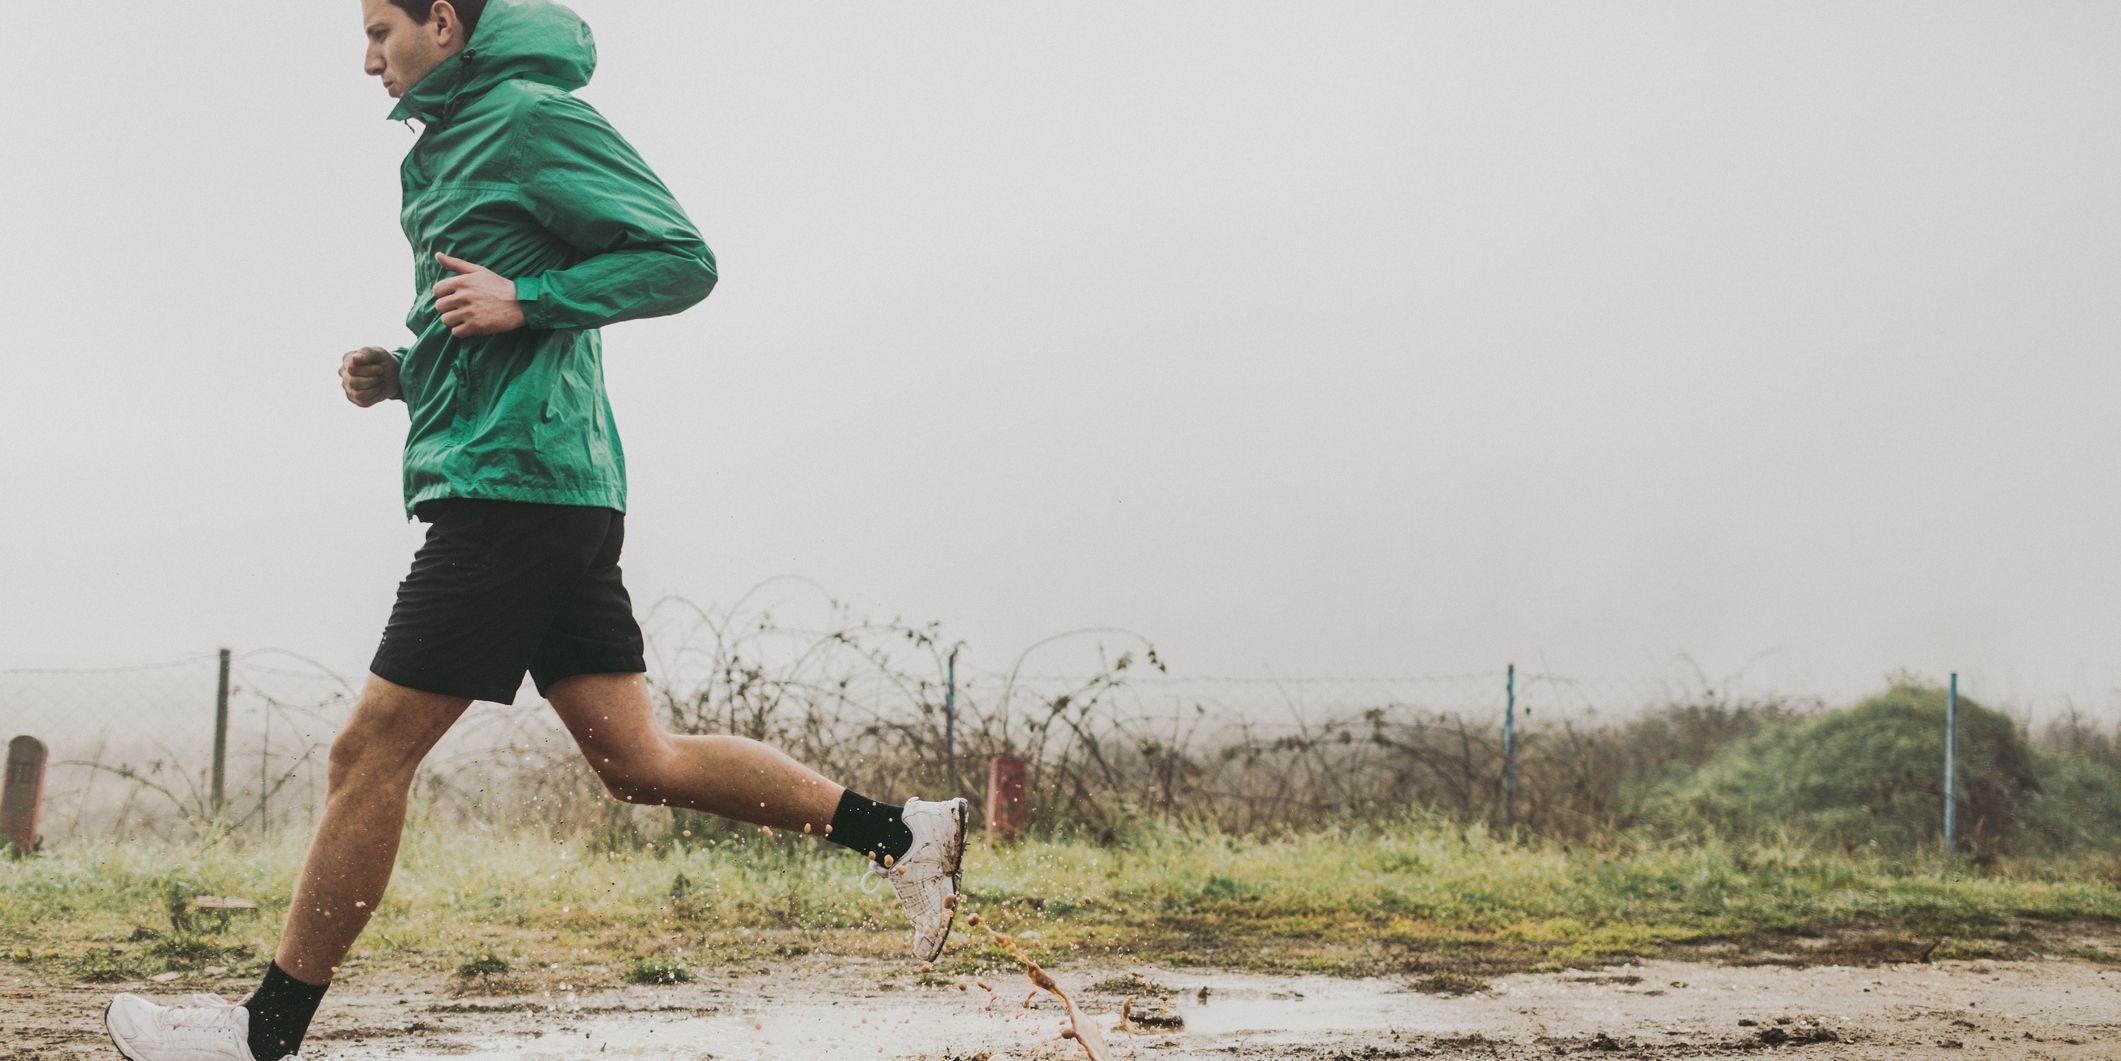 How to Dress for Rainy Runs